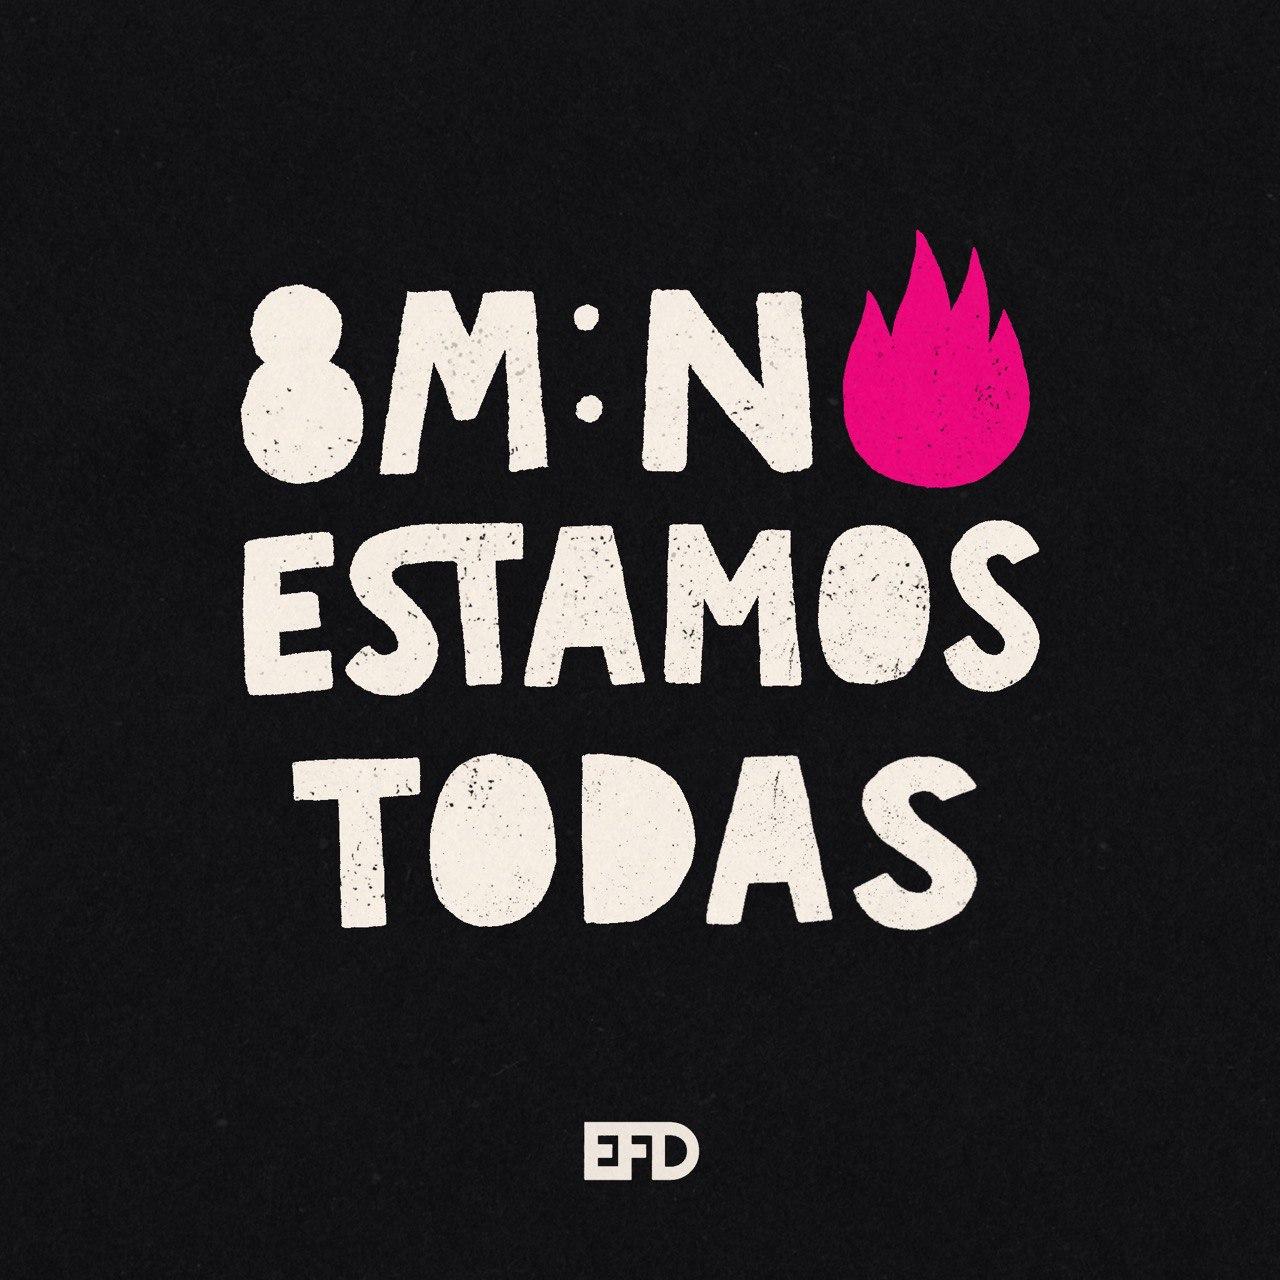 """Sobre un fondo negro, un texto en blanco centrado y escrito en mayúsculas a mano """"8M: No Estamos Todas, con la O del NO hecha con un llama color magenta. Debajo, el logo con las iniciales del EFD."""""""